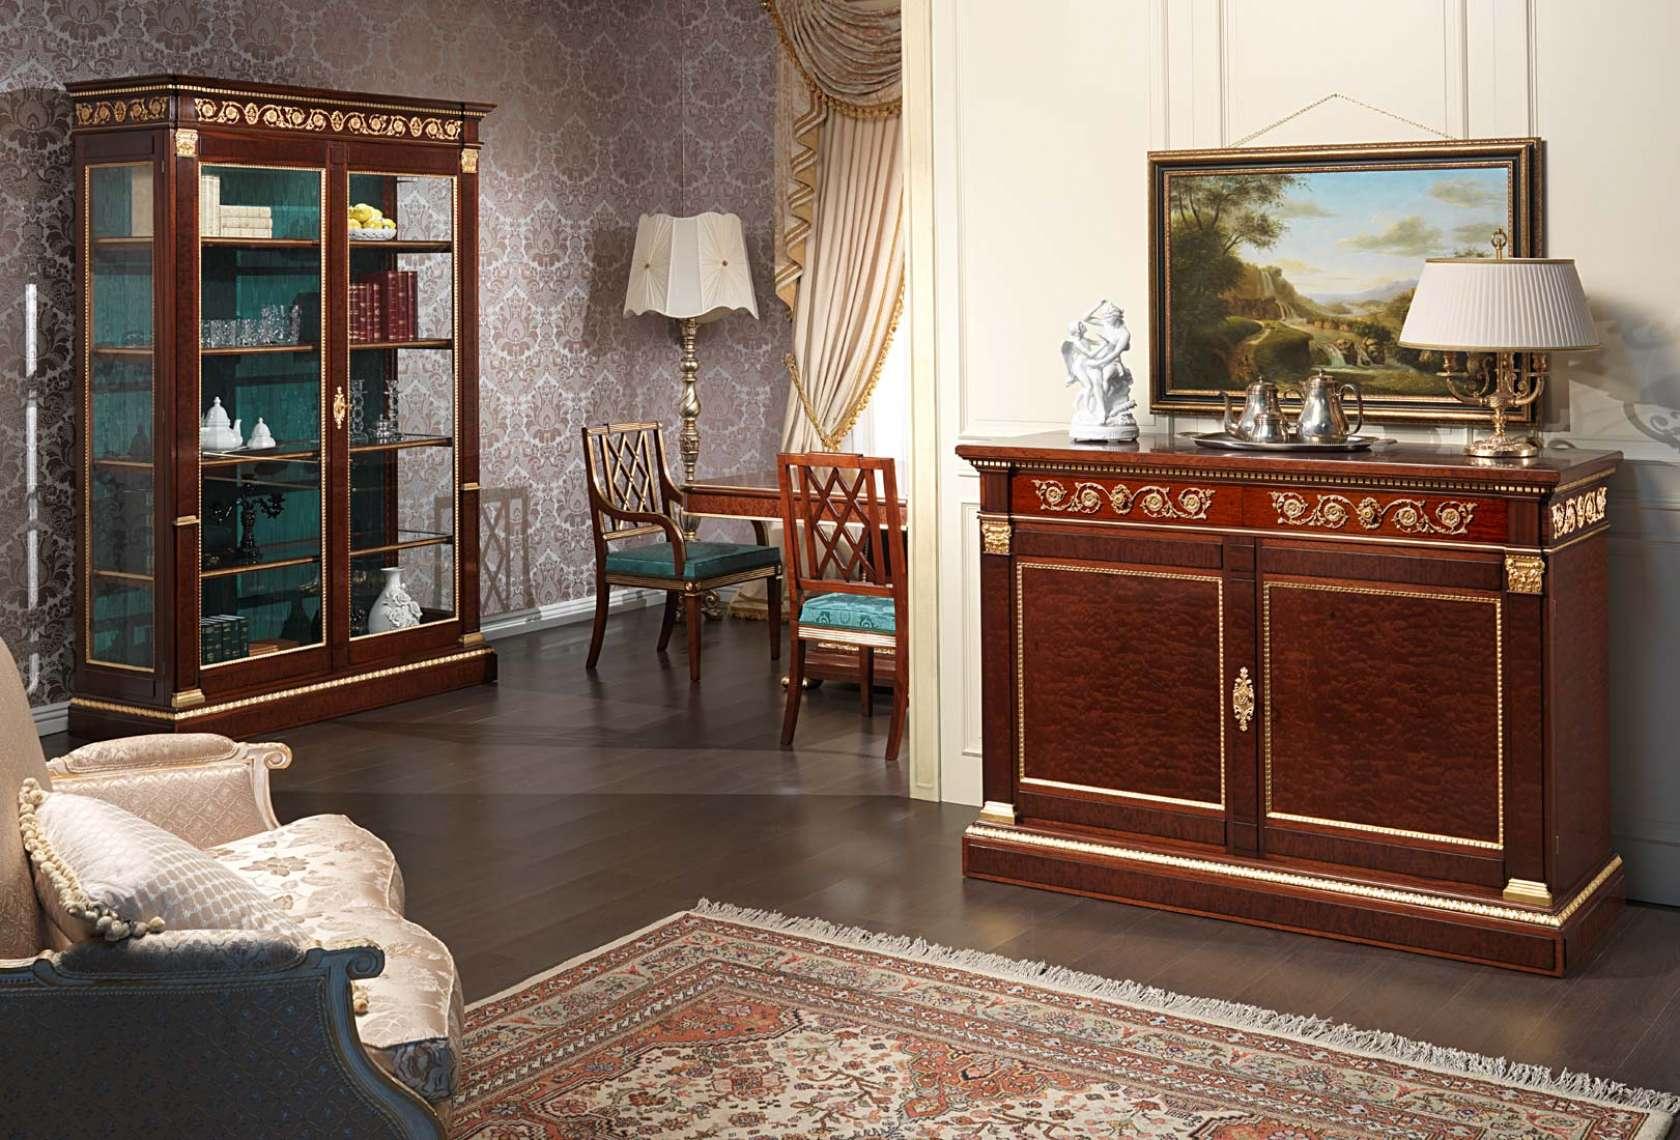 Salotto ermitage stile impero vimercati meda - Disposizione salotto sala pranzo ...